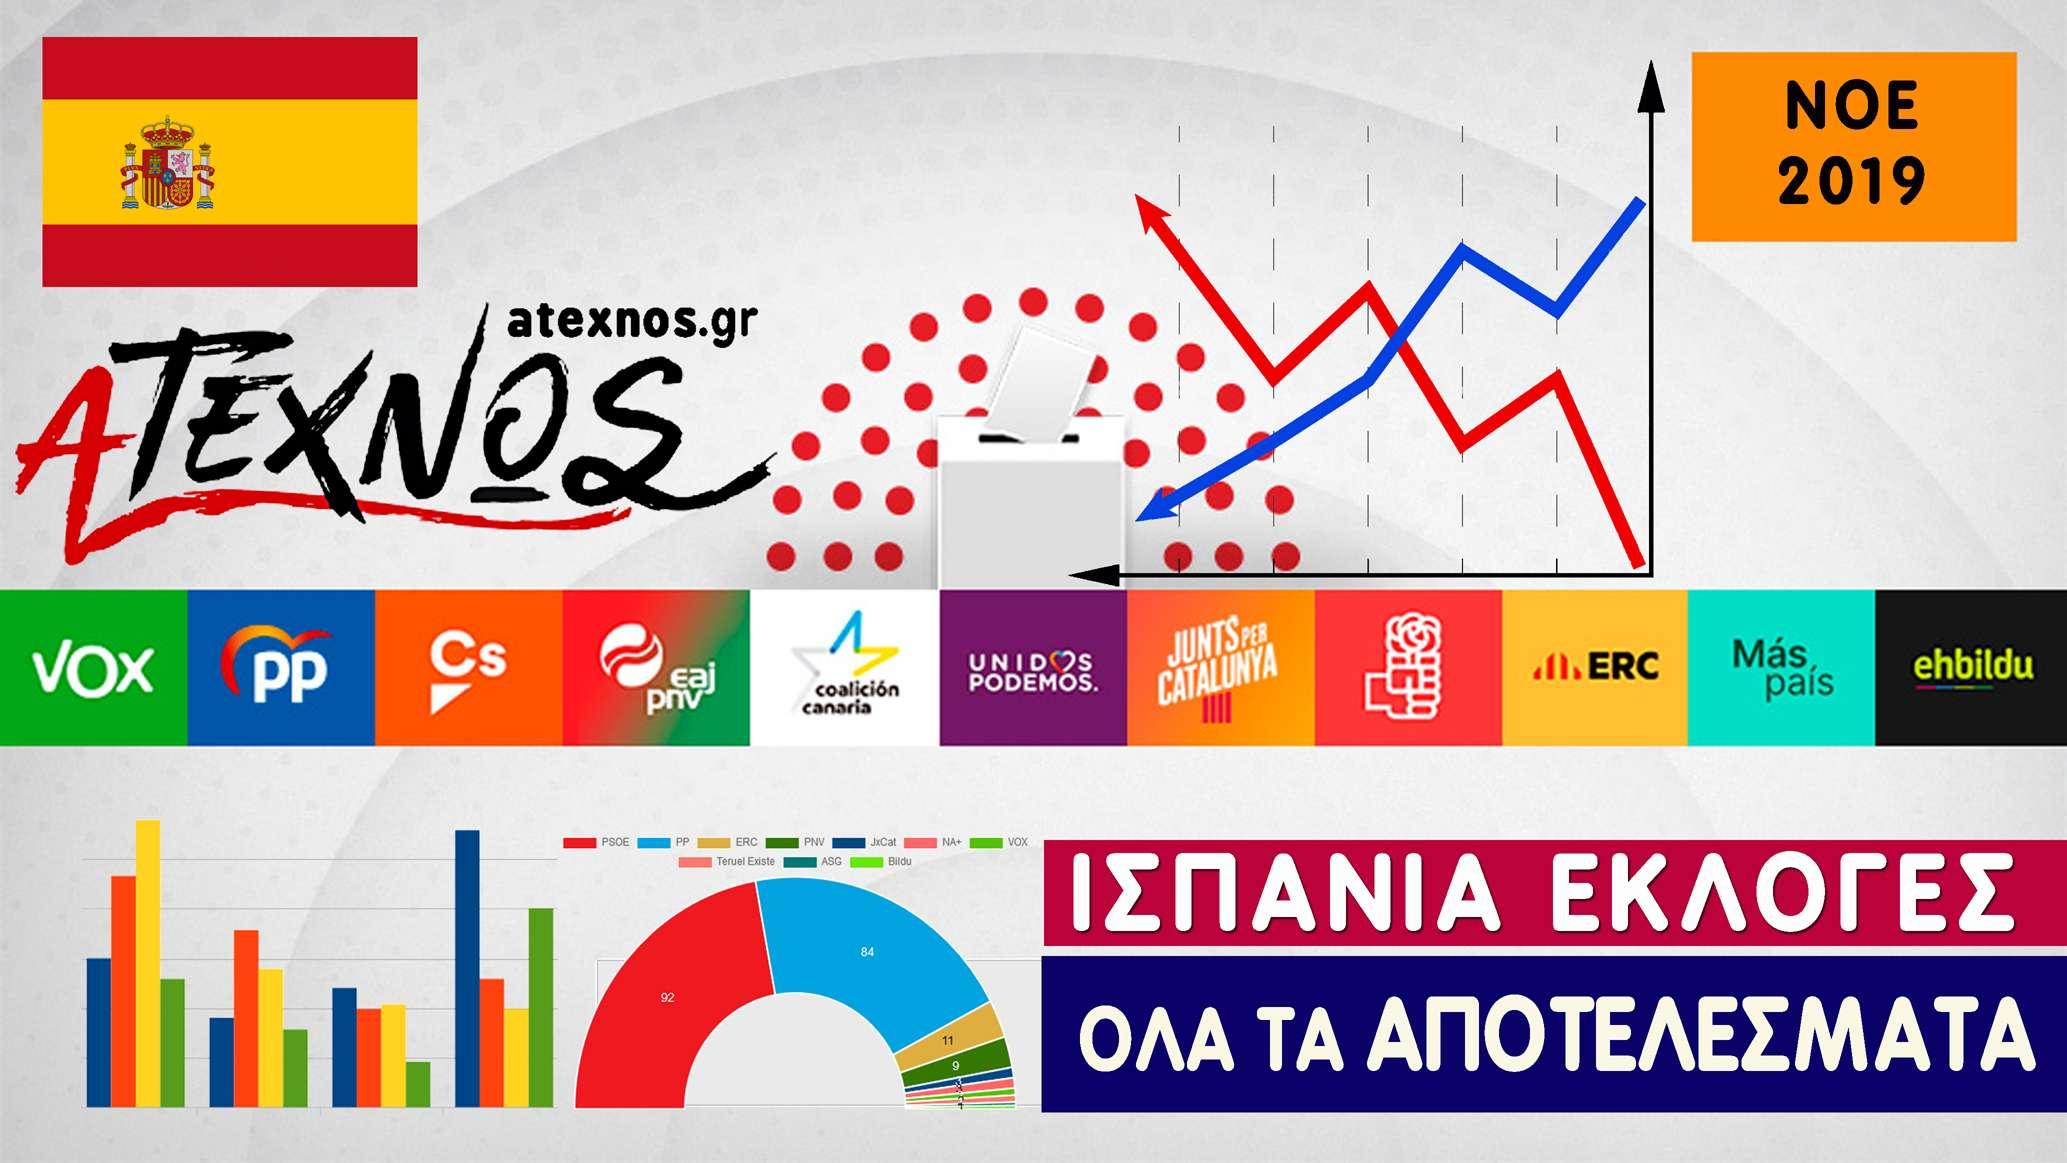 Ισπανία αποτελέσματα εκλογών 10 Νοε 2019